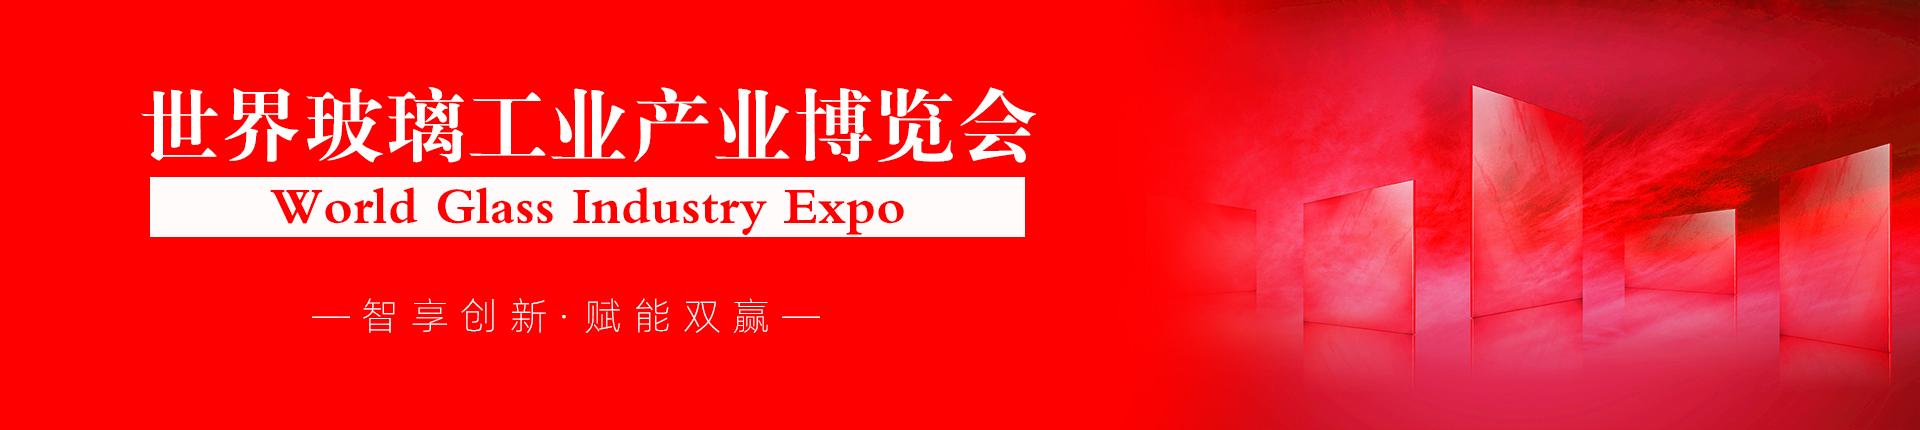 云展·世界玻璃工业产业博览会